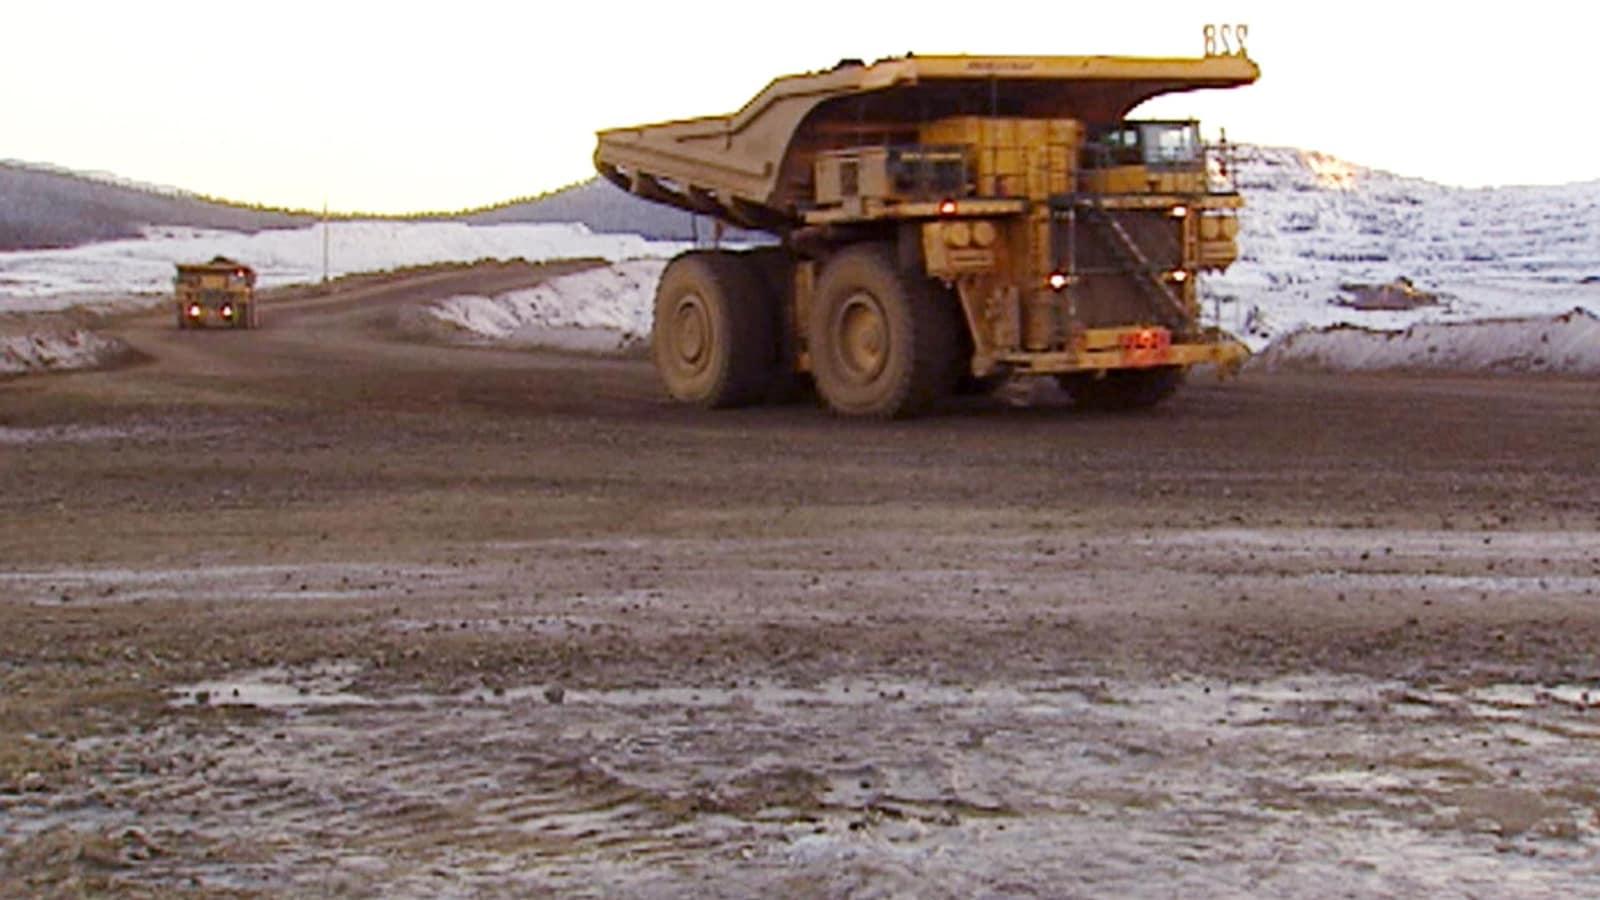 Des camions acheminent le minerai de fer vers l'usine de traitement de Labrador City